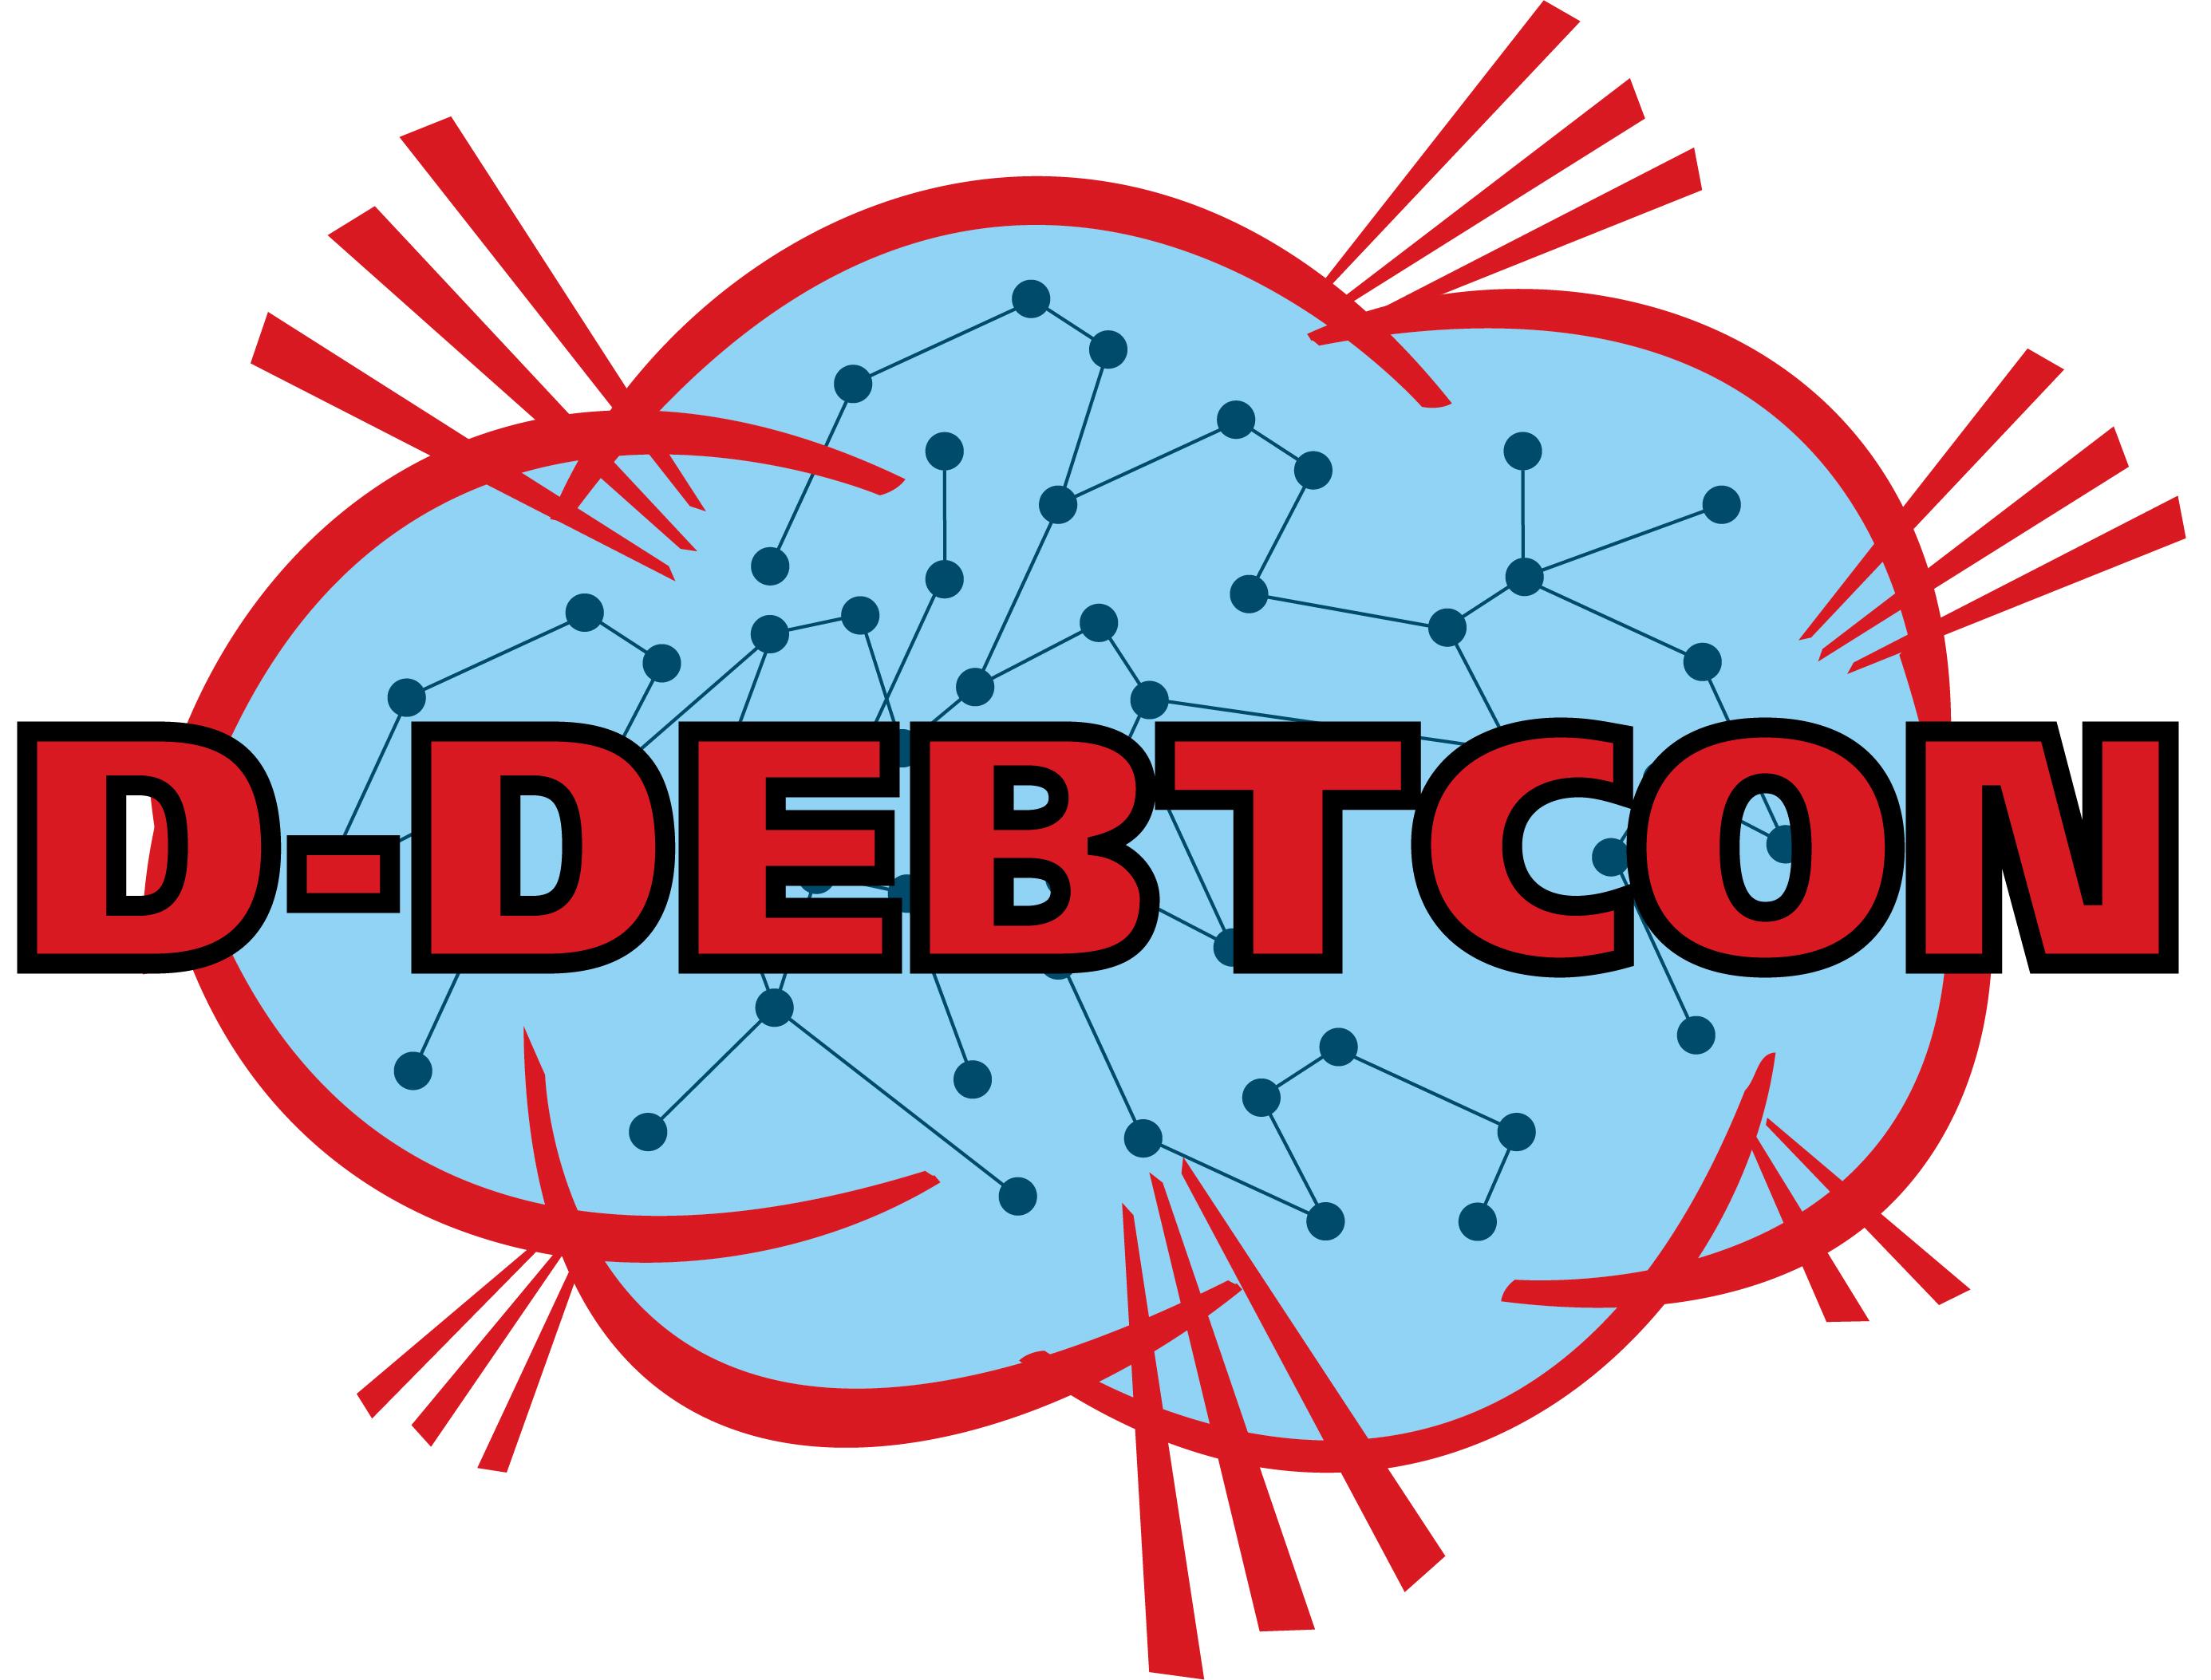 D_debtcon.jpg